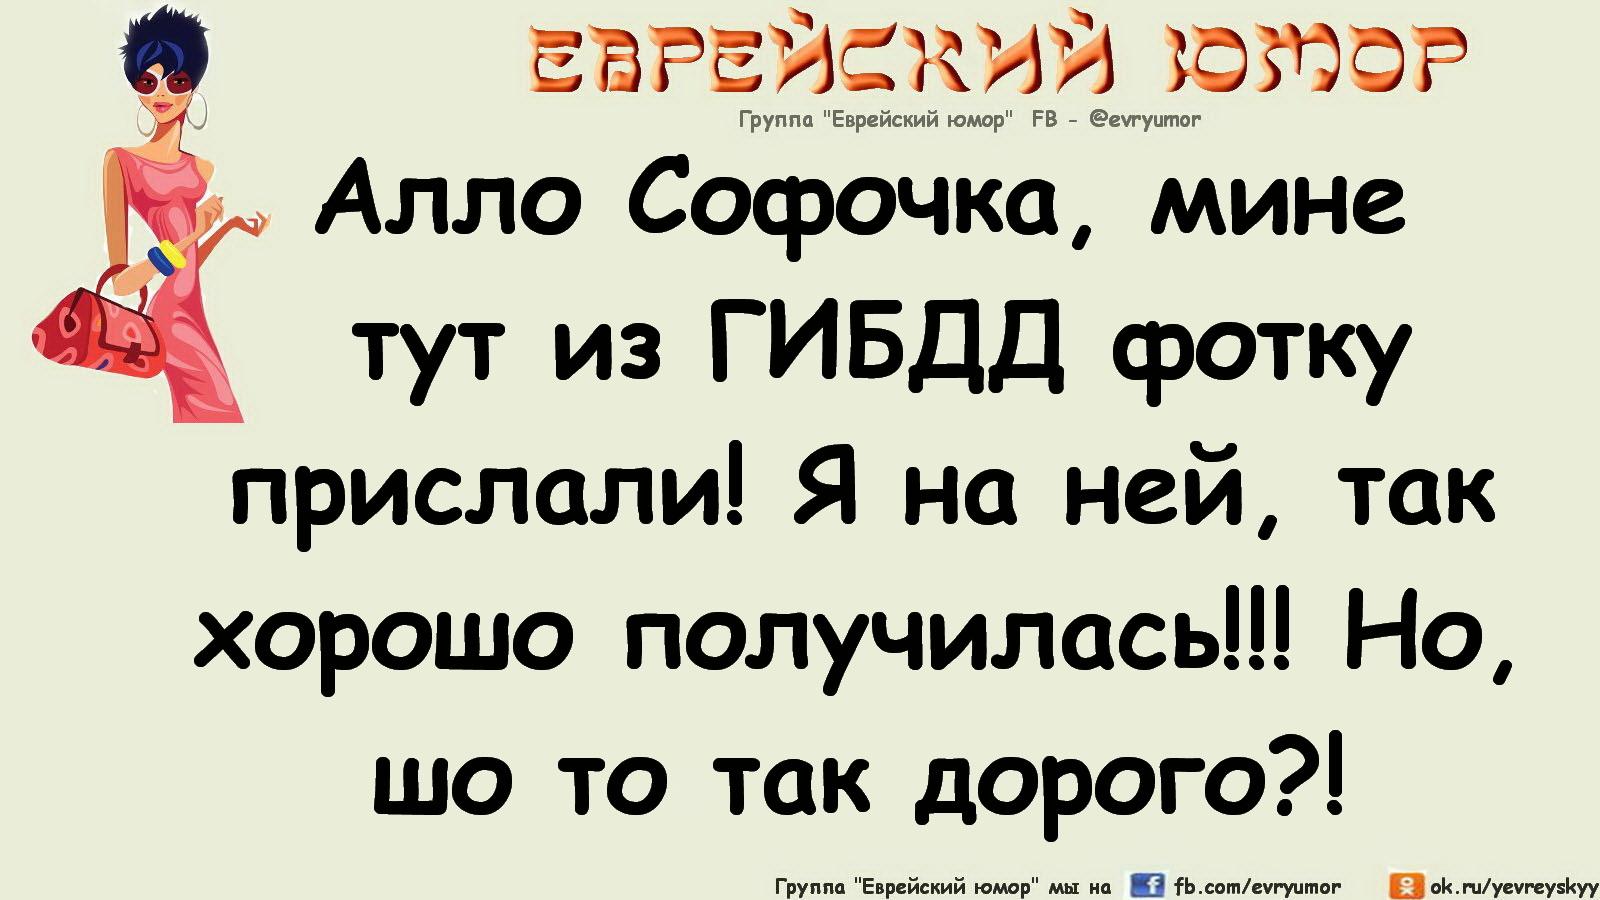 Еврейский юмор, анекдот Одесс